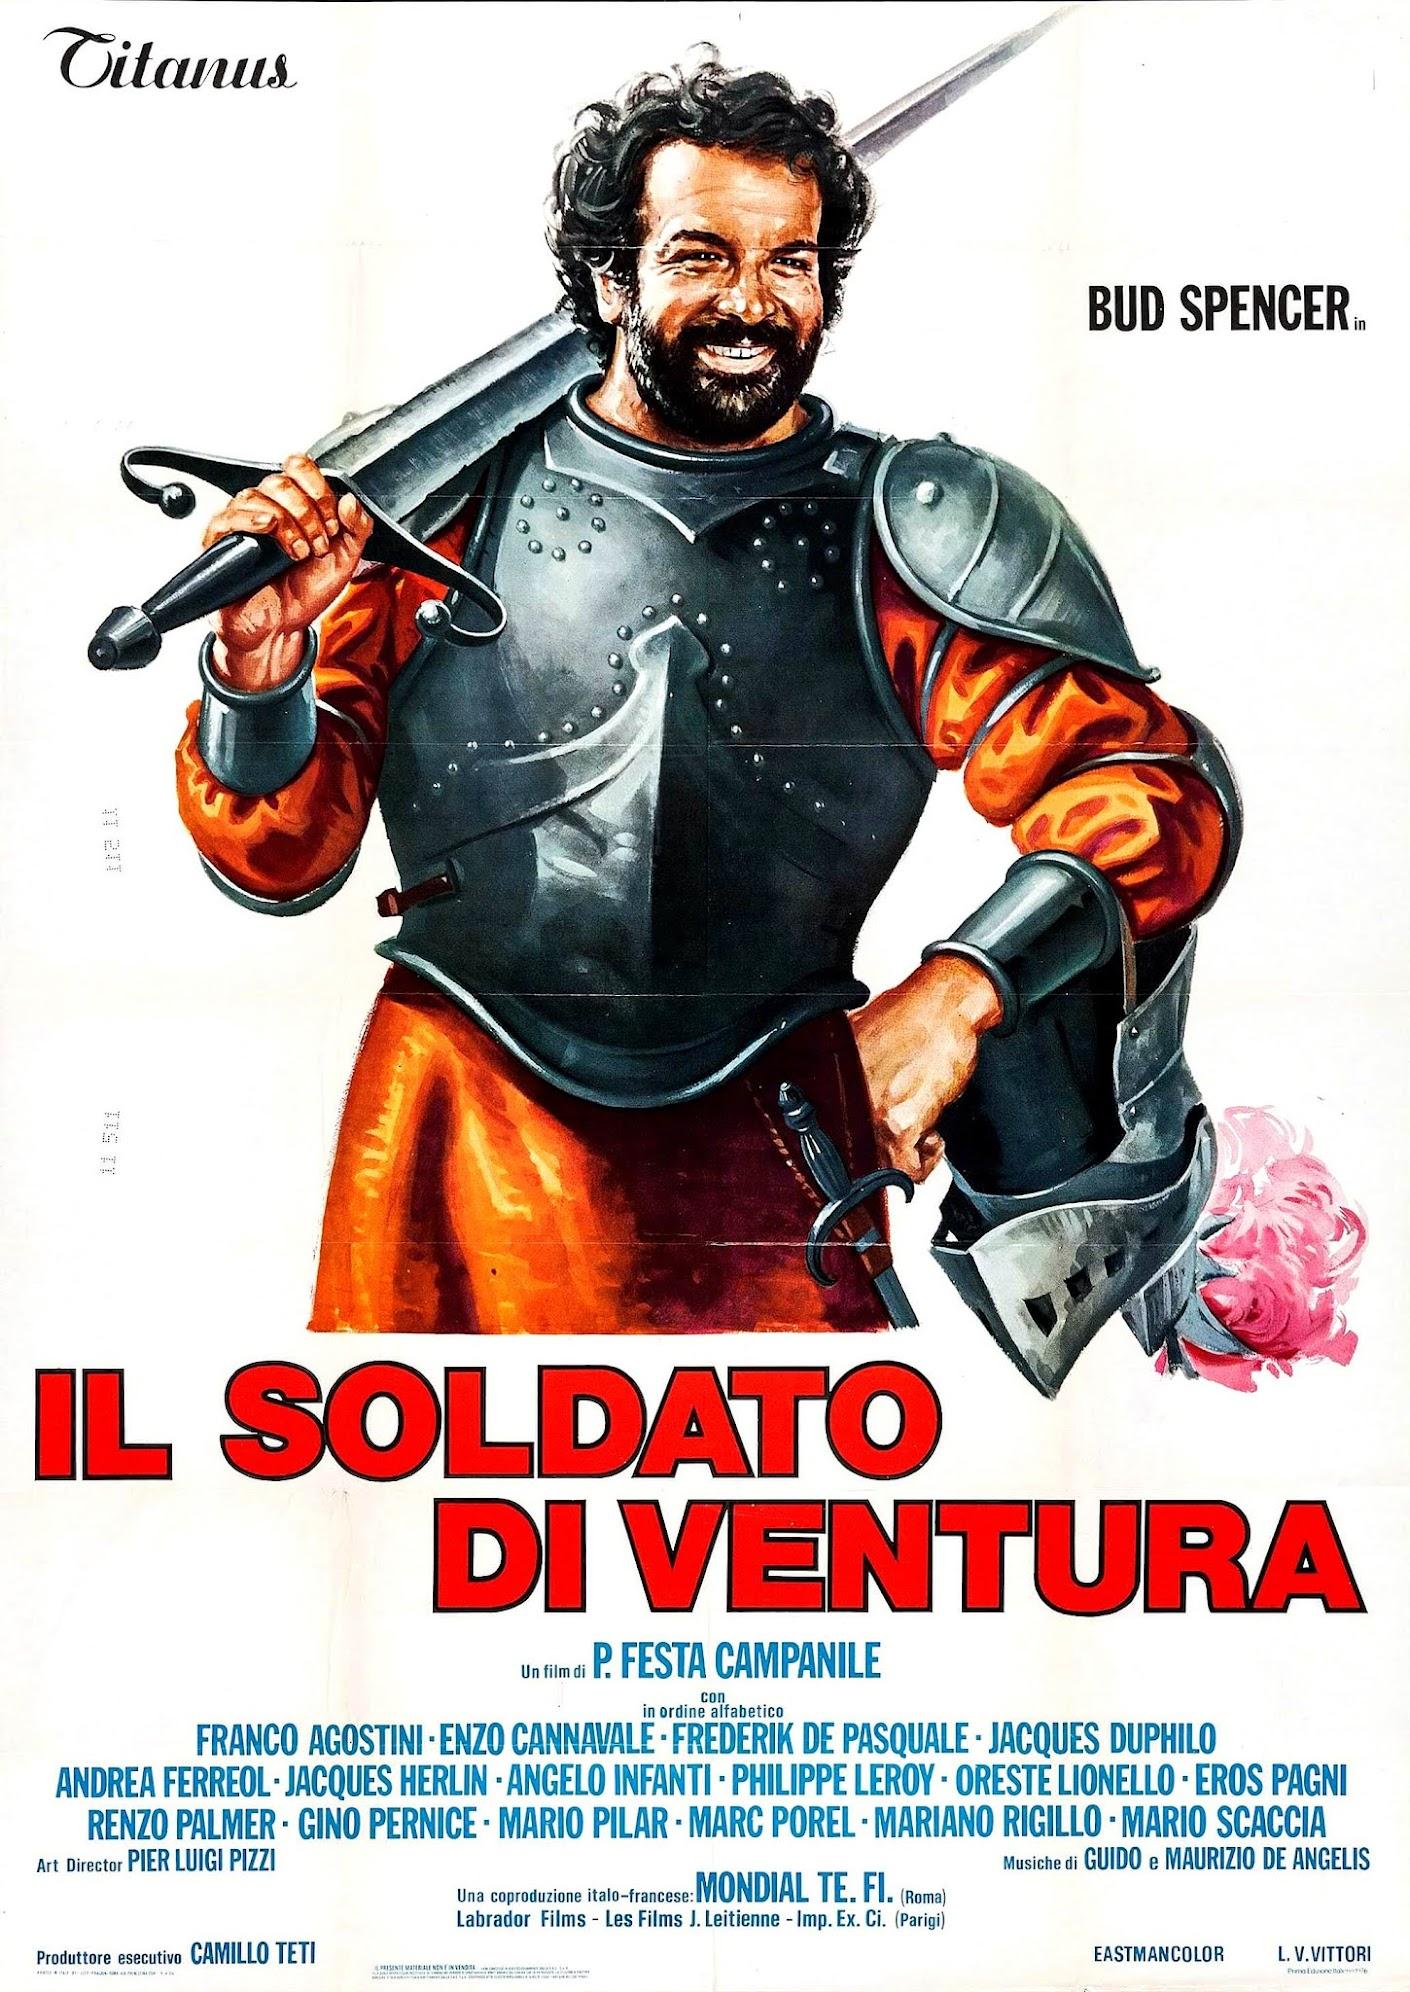 La grande bagarre (1975) Pasquale Festa Campanile - Il soldato di ventura (07.1975 / 09.1975)